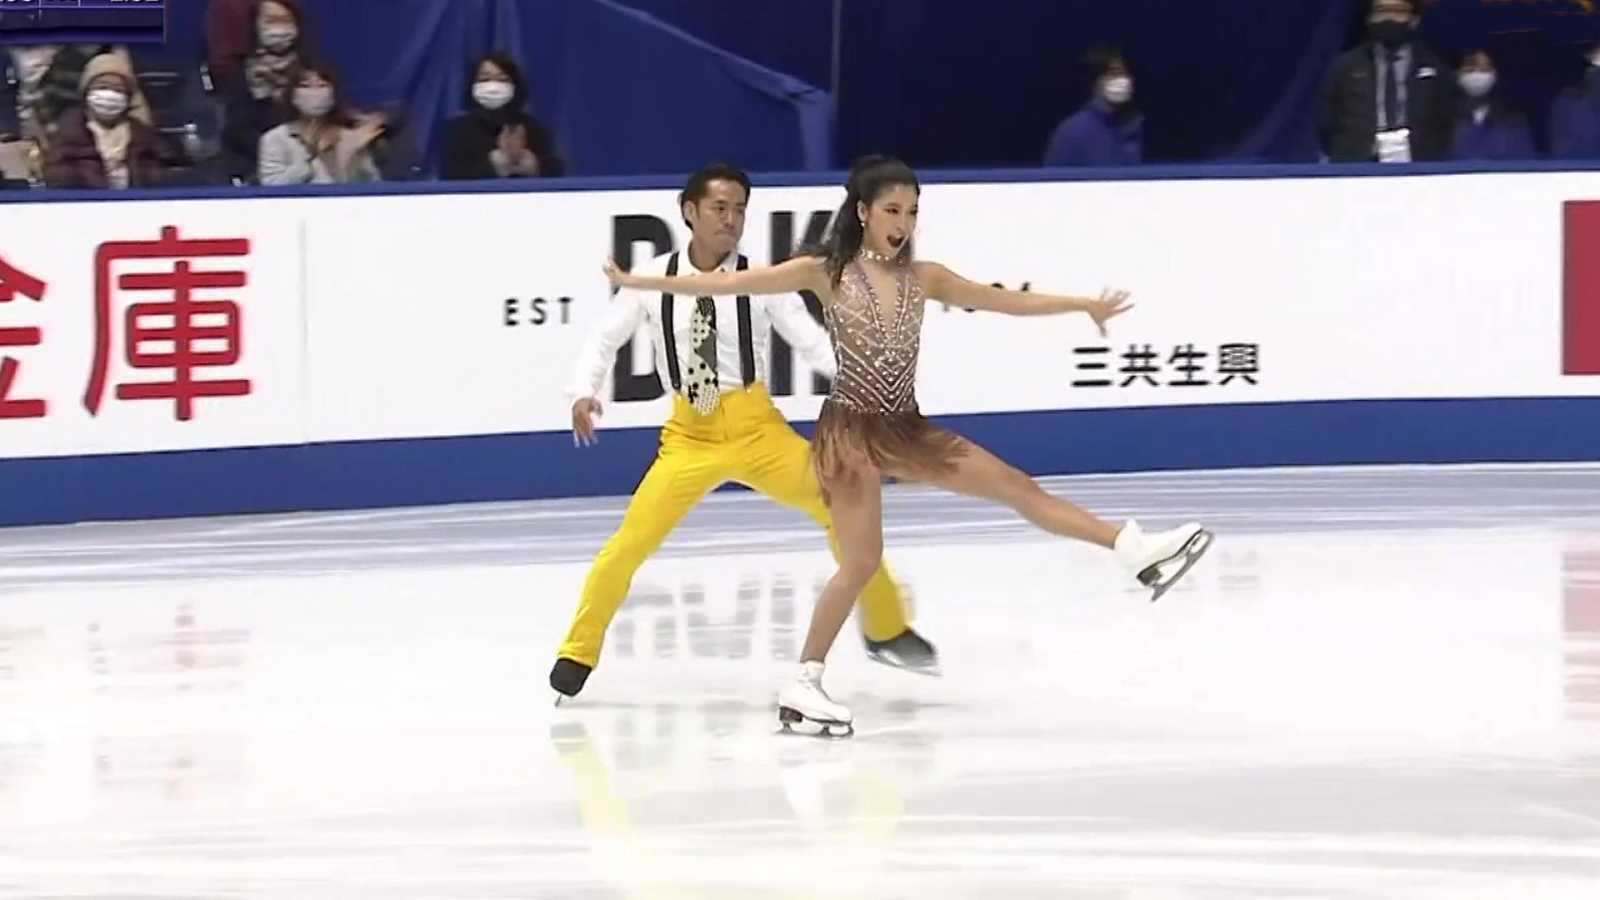 Patinaje artístico - NHK Trophy, Programa corto danza desde Osaka - ver ahora